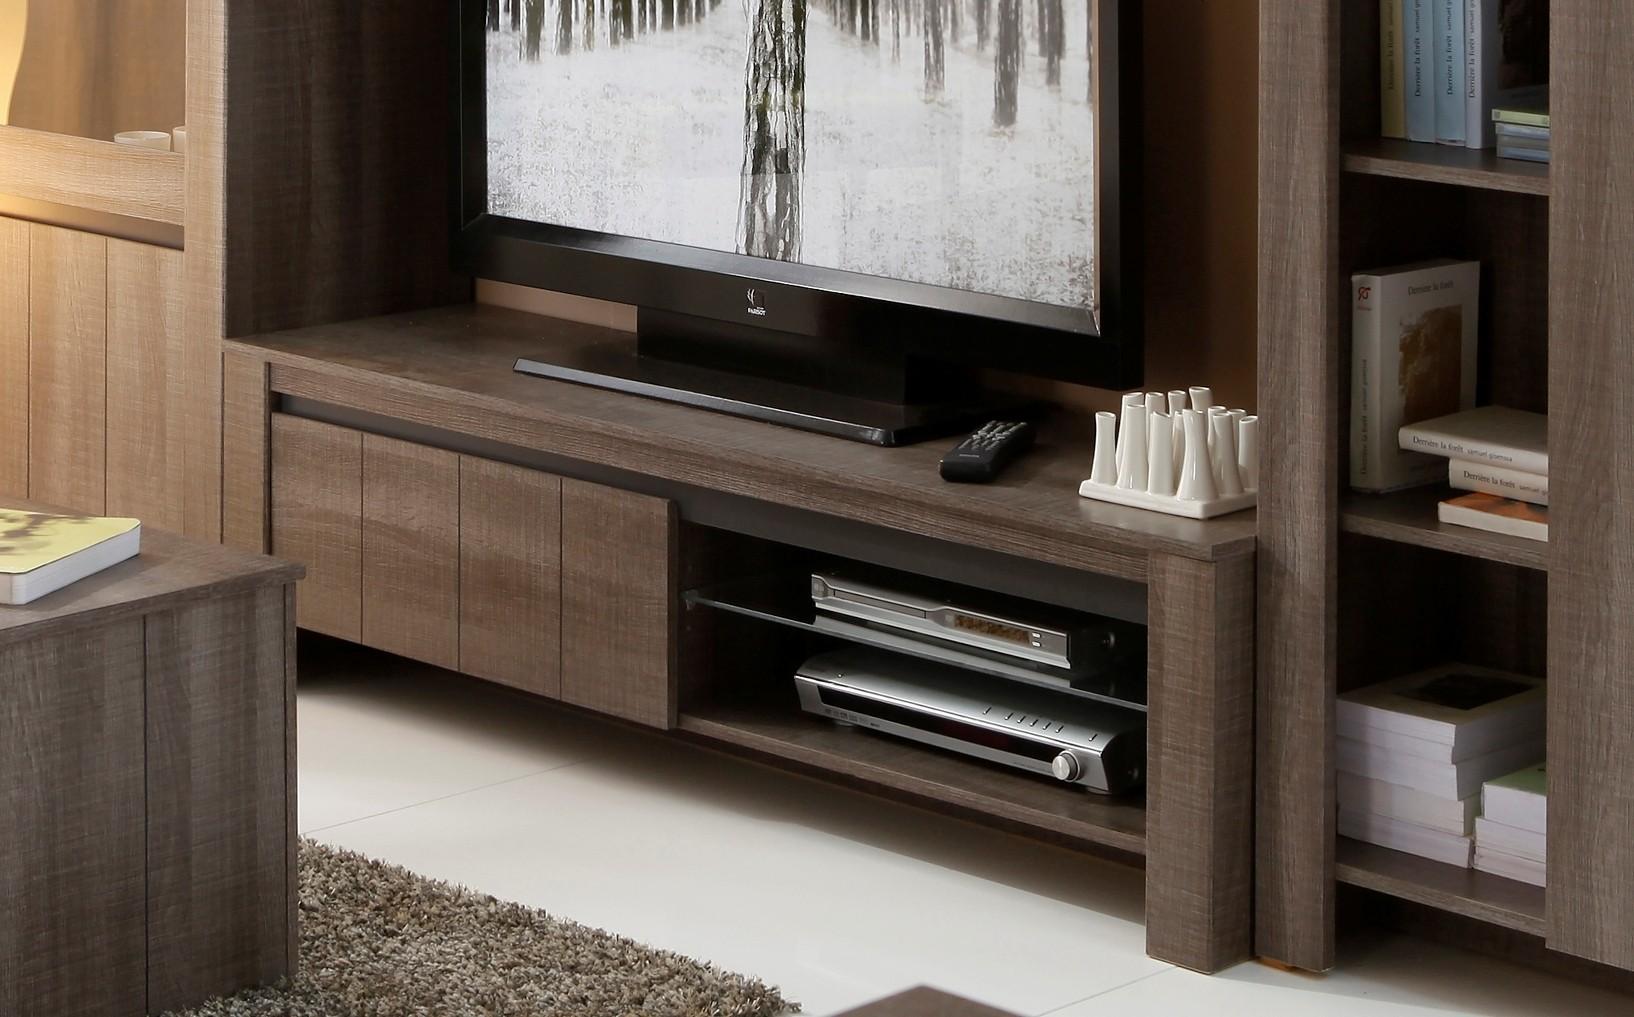 Meuble Tv Intense Teinte R Glisse Prix Discount # Meuble Tv Tablette